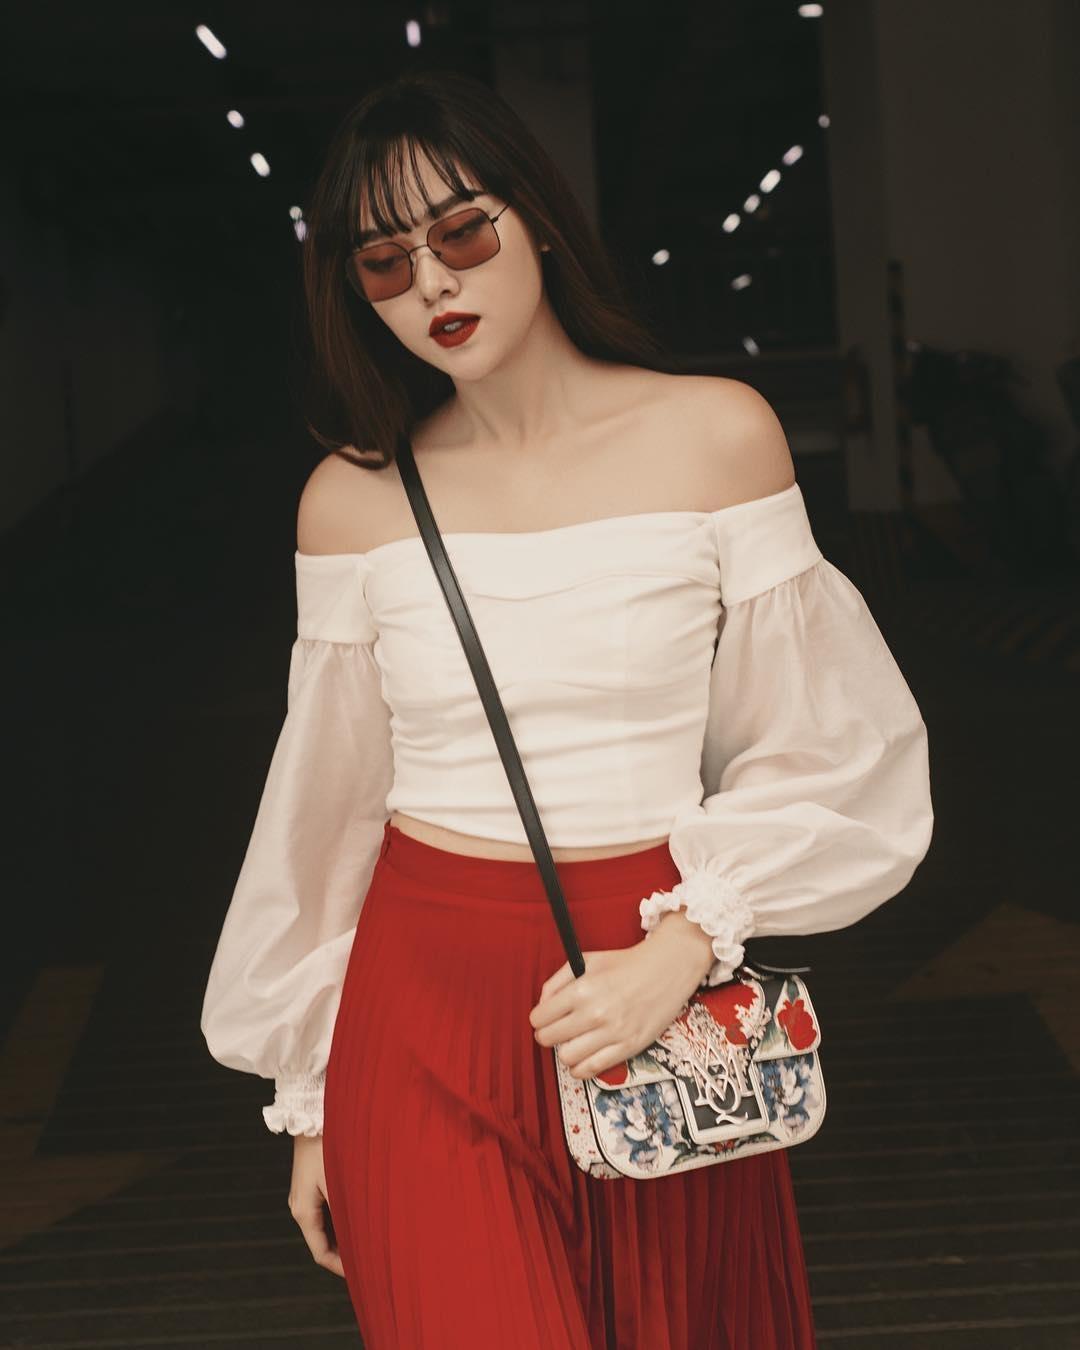 Tuong San - tu hot girl mang den top 8 Hoa hau Quoc te hinh anh 9